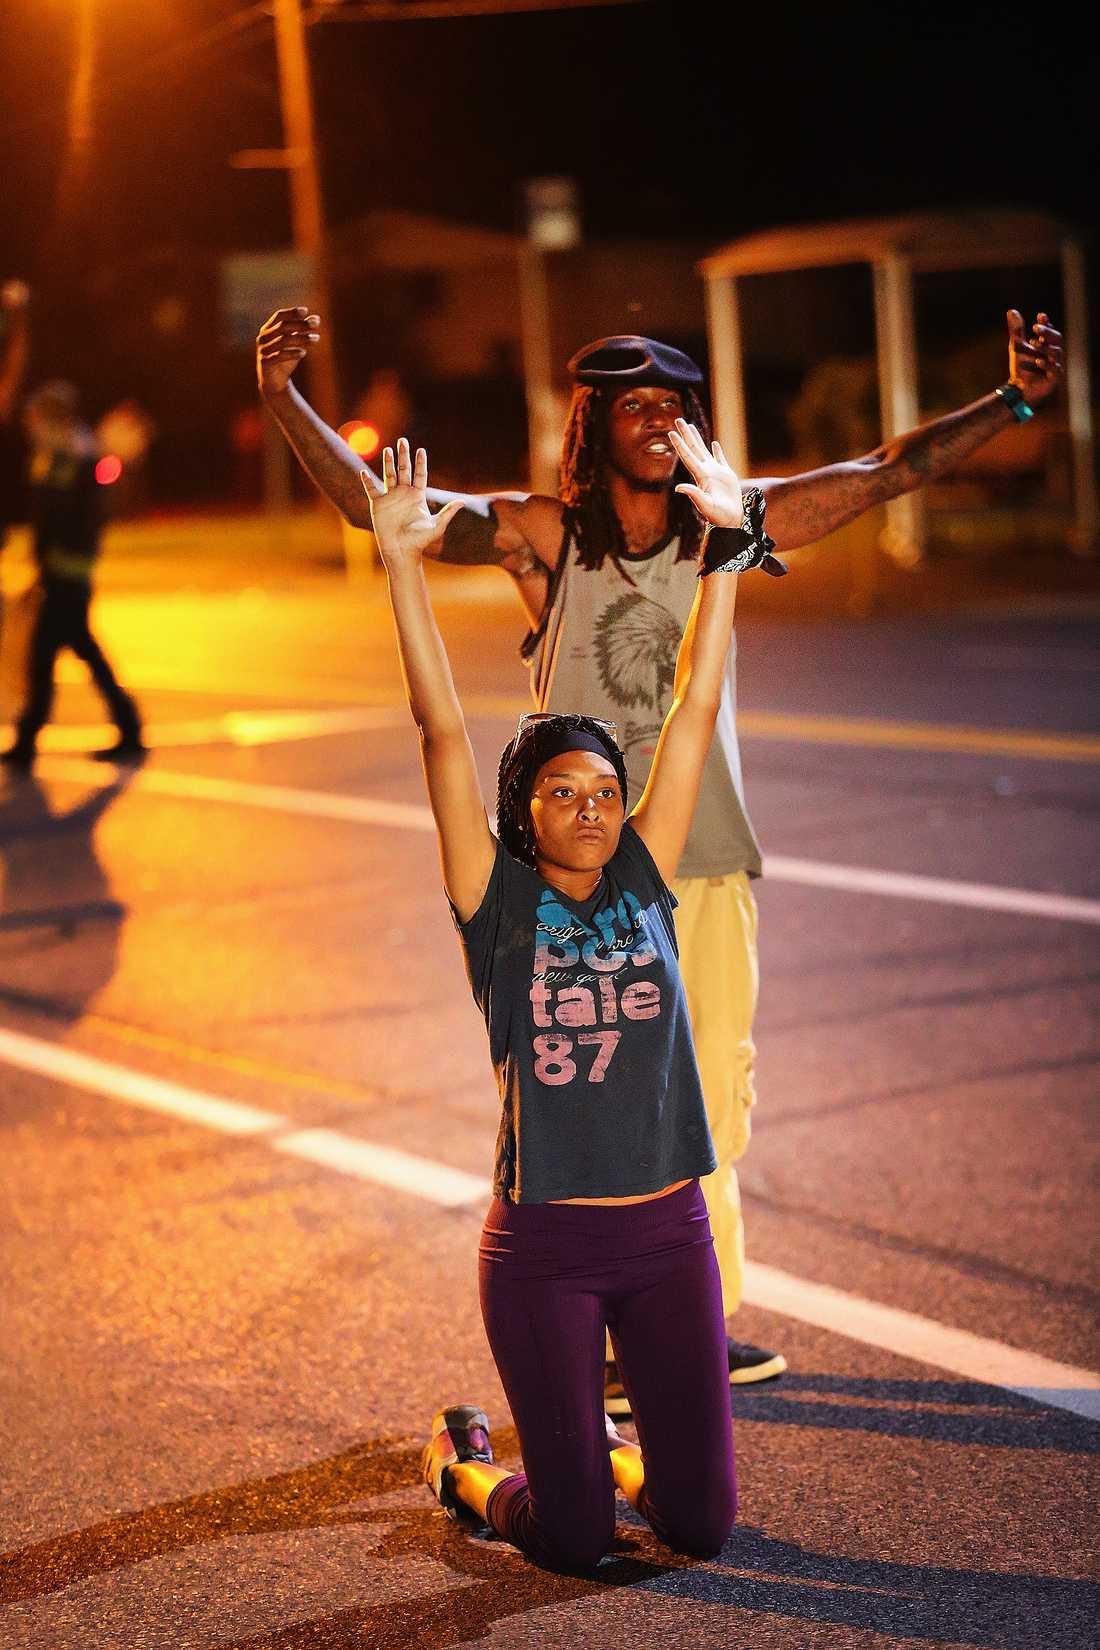 Uppsträckta händer för att visa att man är obeväpnad har blivit en symbol för demonstrationerna.